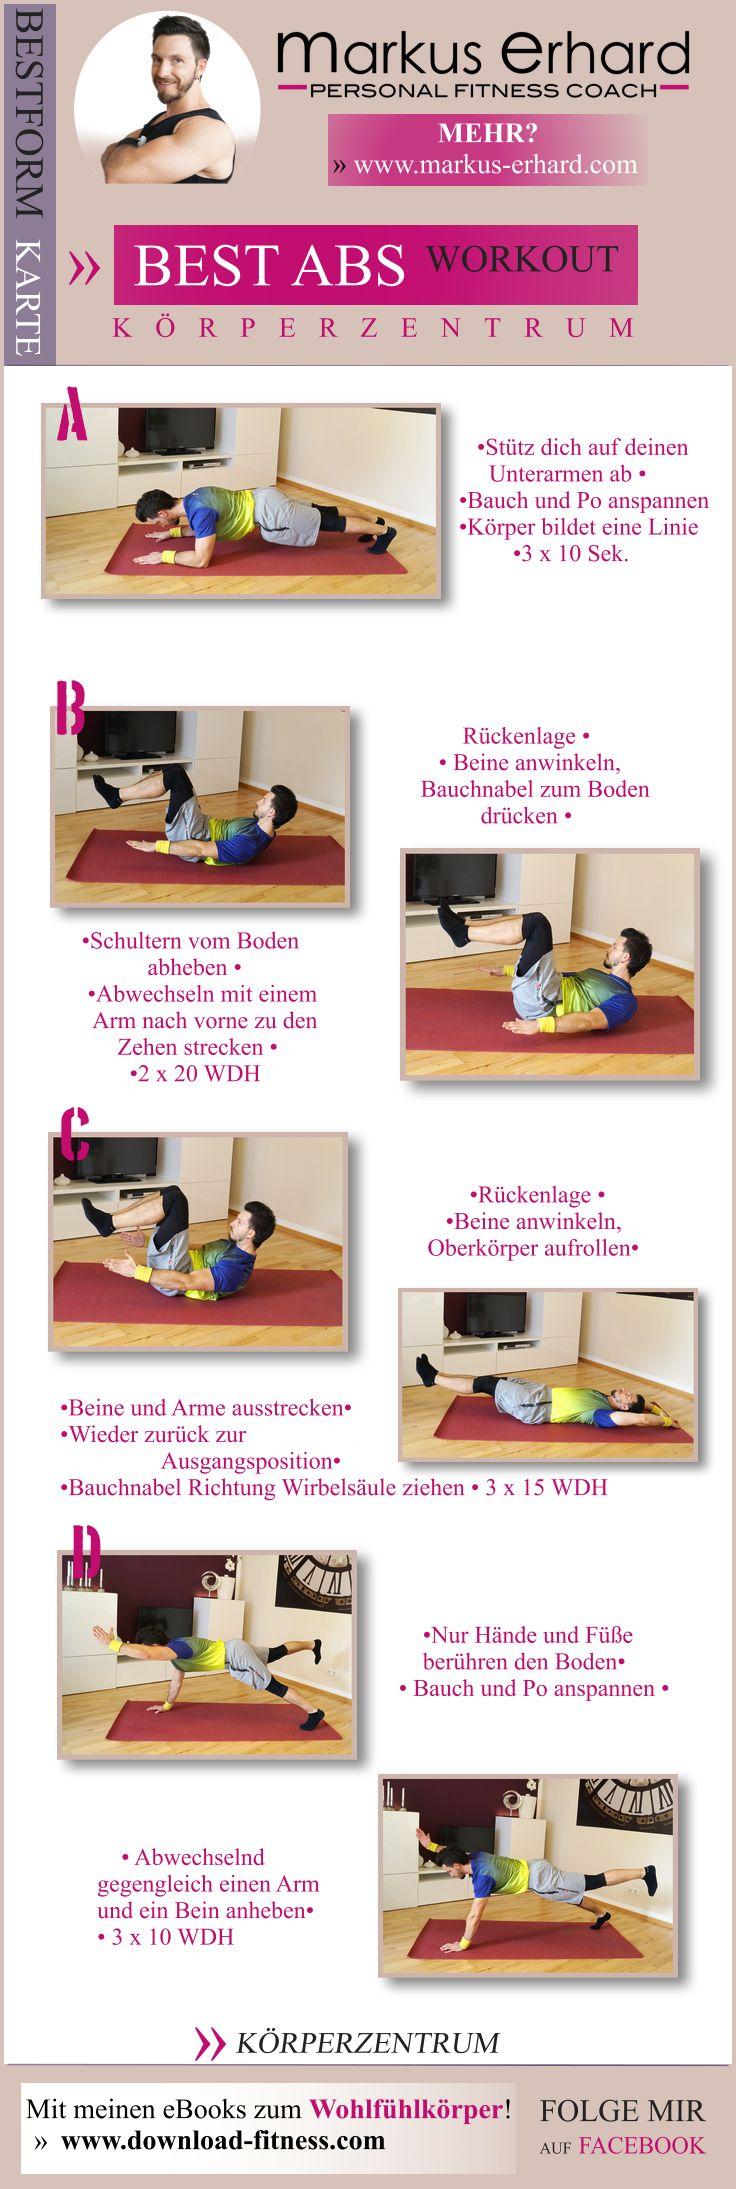 Hol dir die besten Bauchmuskeln! Mit diesem Workout ganz einfach zuhause loslegen! Re-pin it oder speichern und ausdrucken!